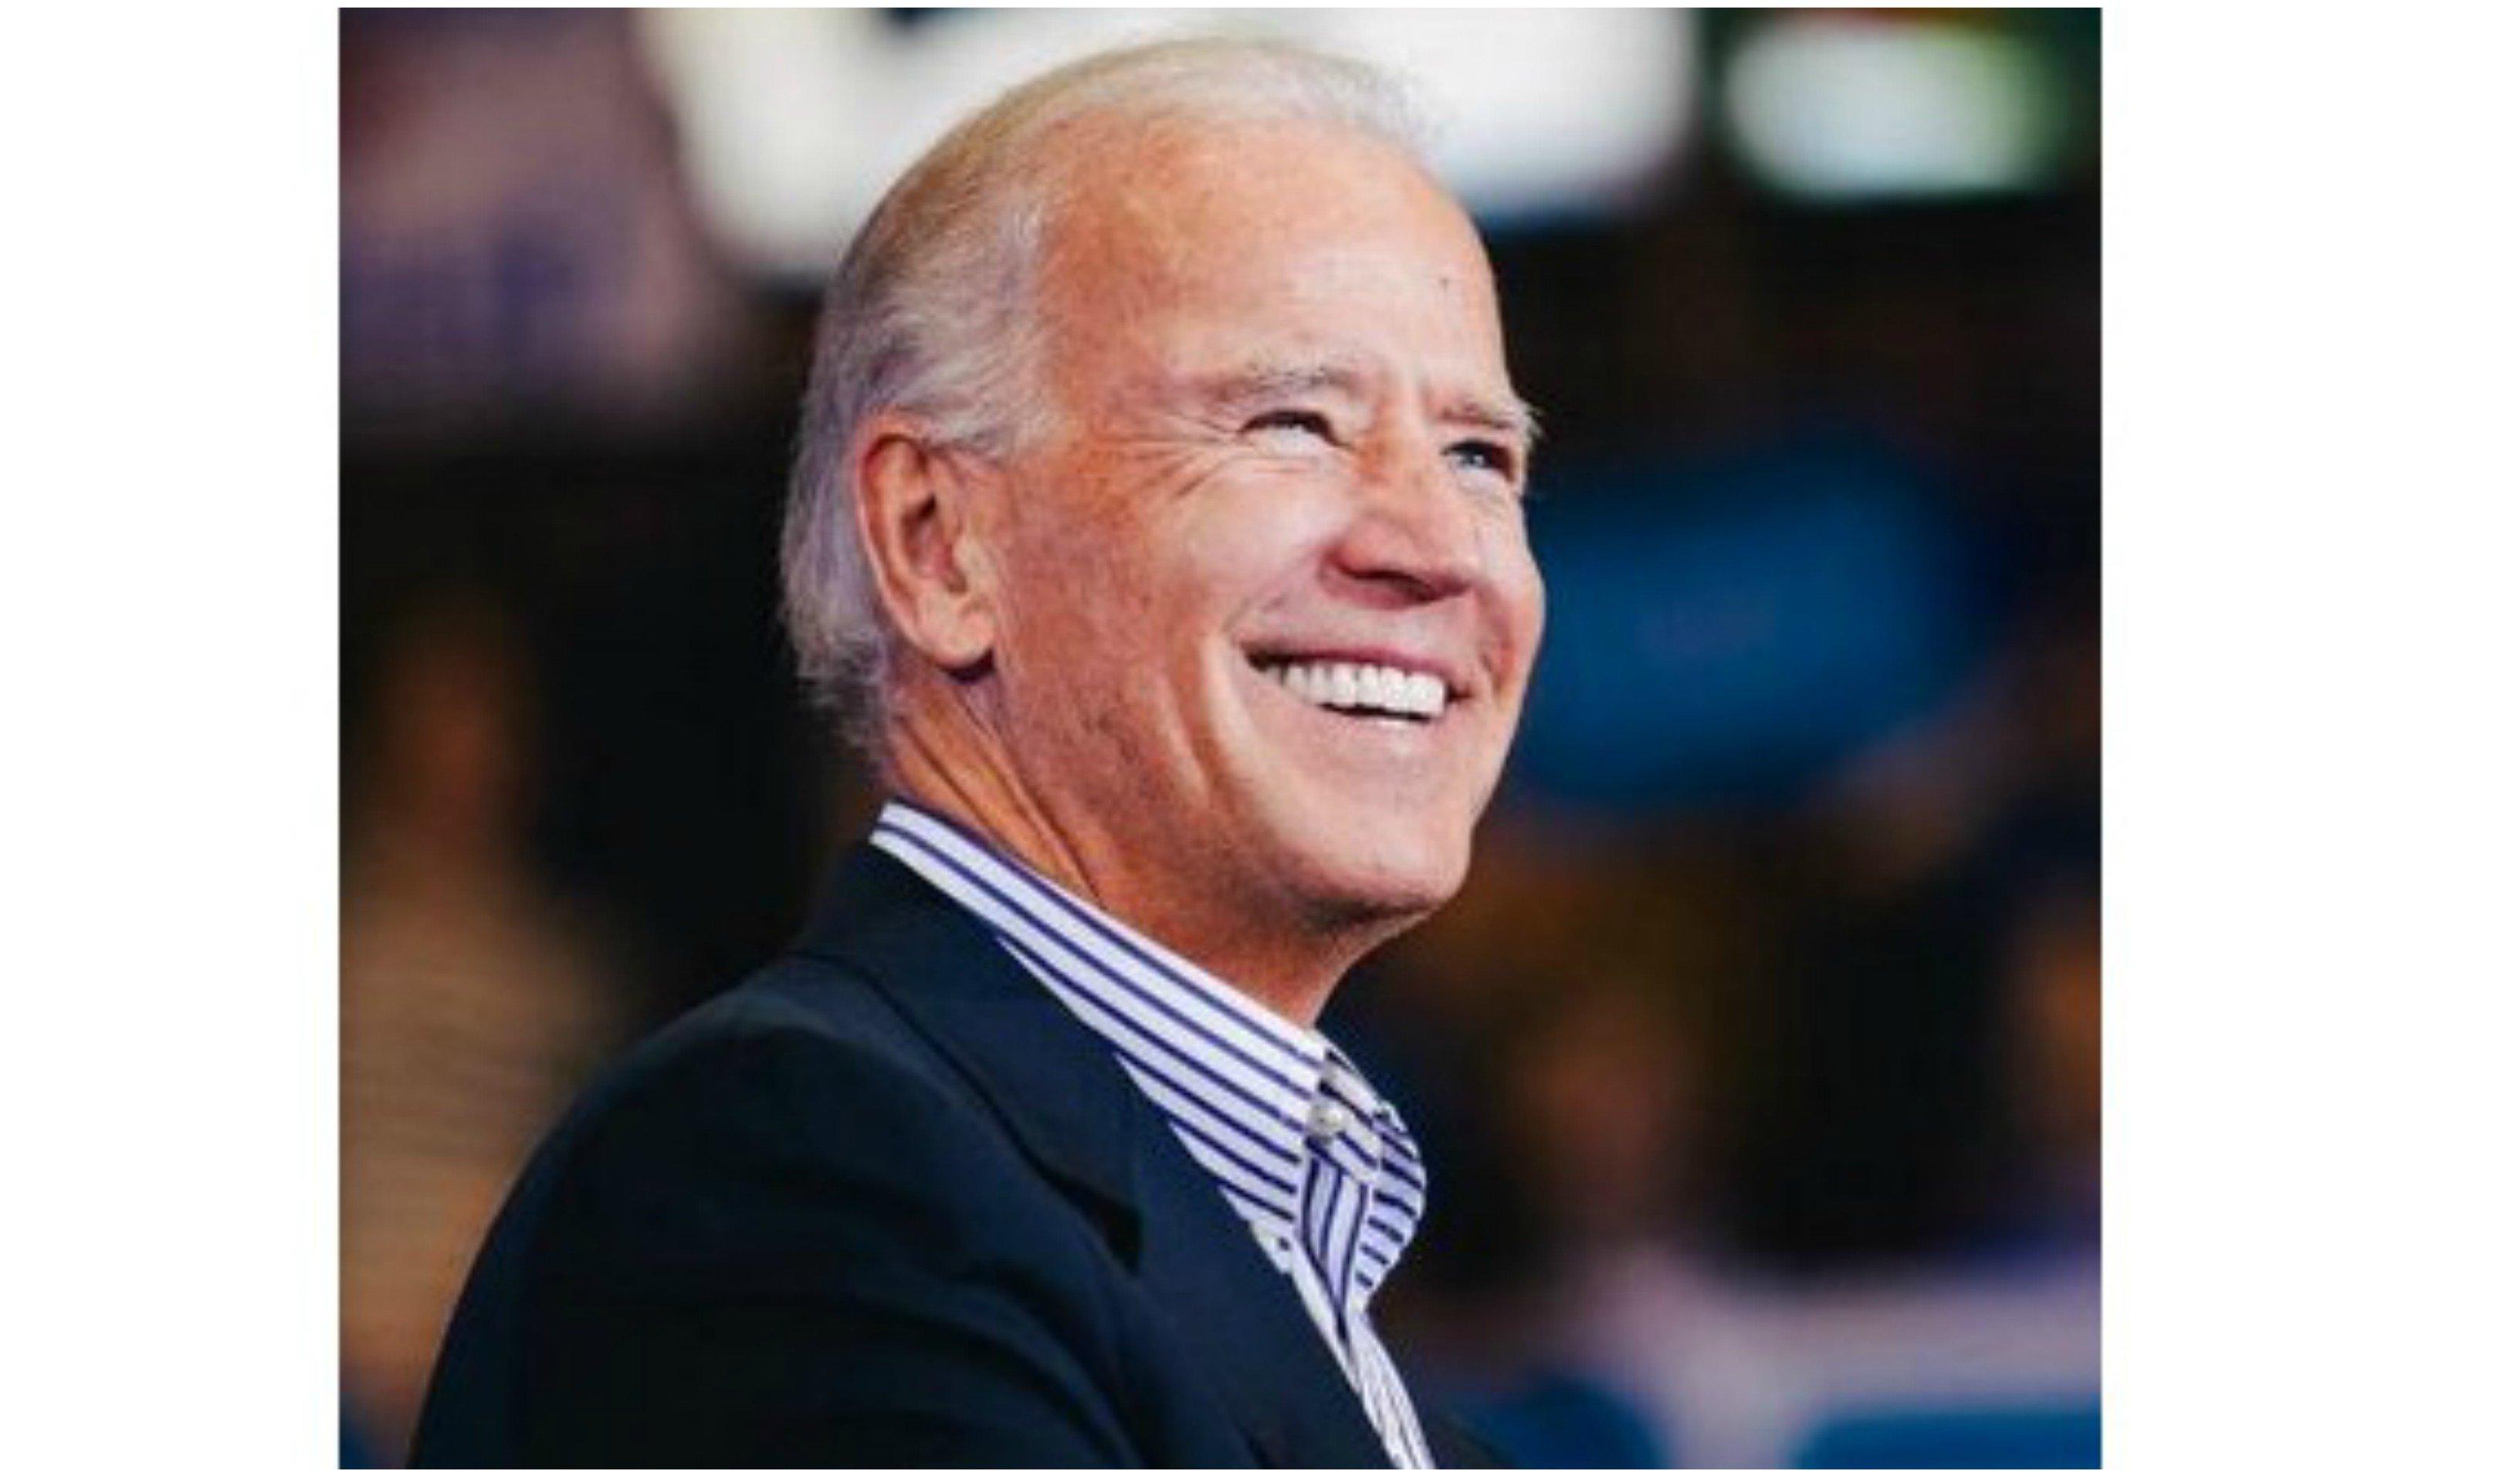 EEUU: Biden aumenta la ventaja sobre Sanders en las primarias demócratas